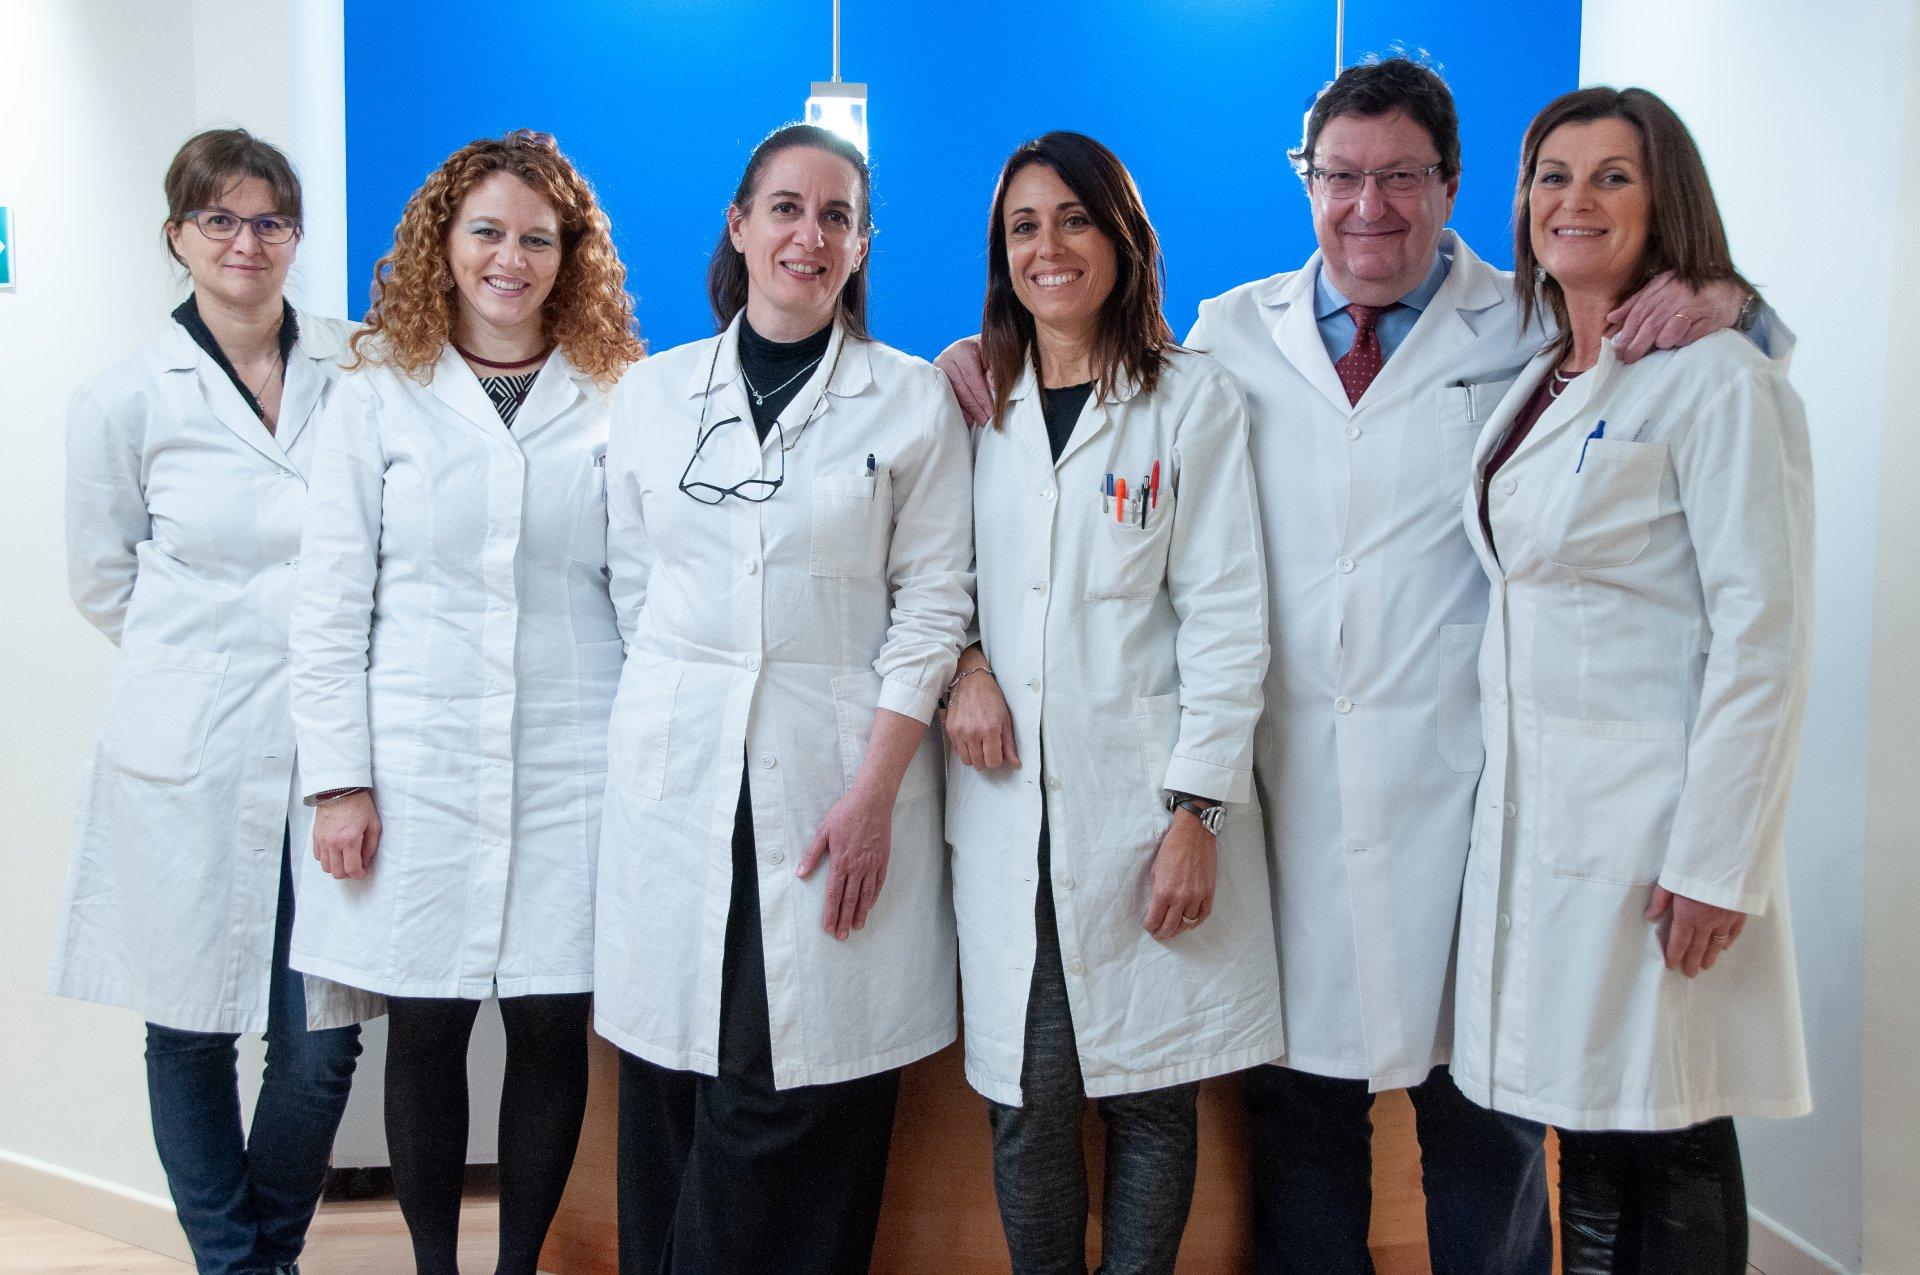 5ffea1d10d Chirurgia refrattiva - Torino - Dr. Marcello Montanaro